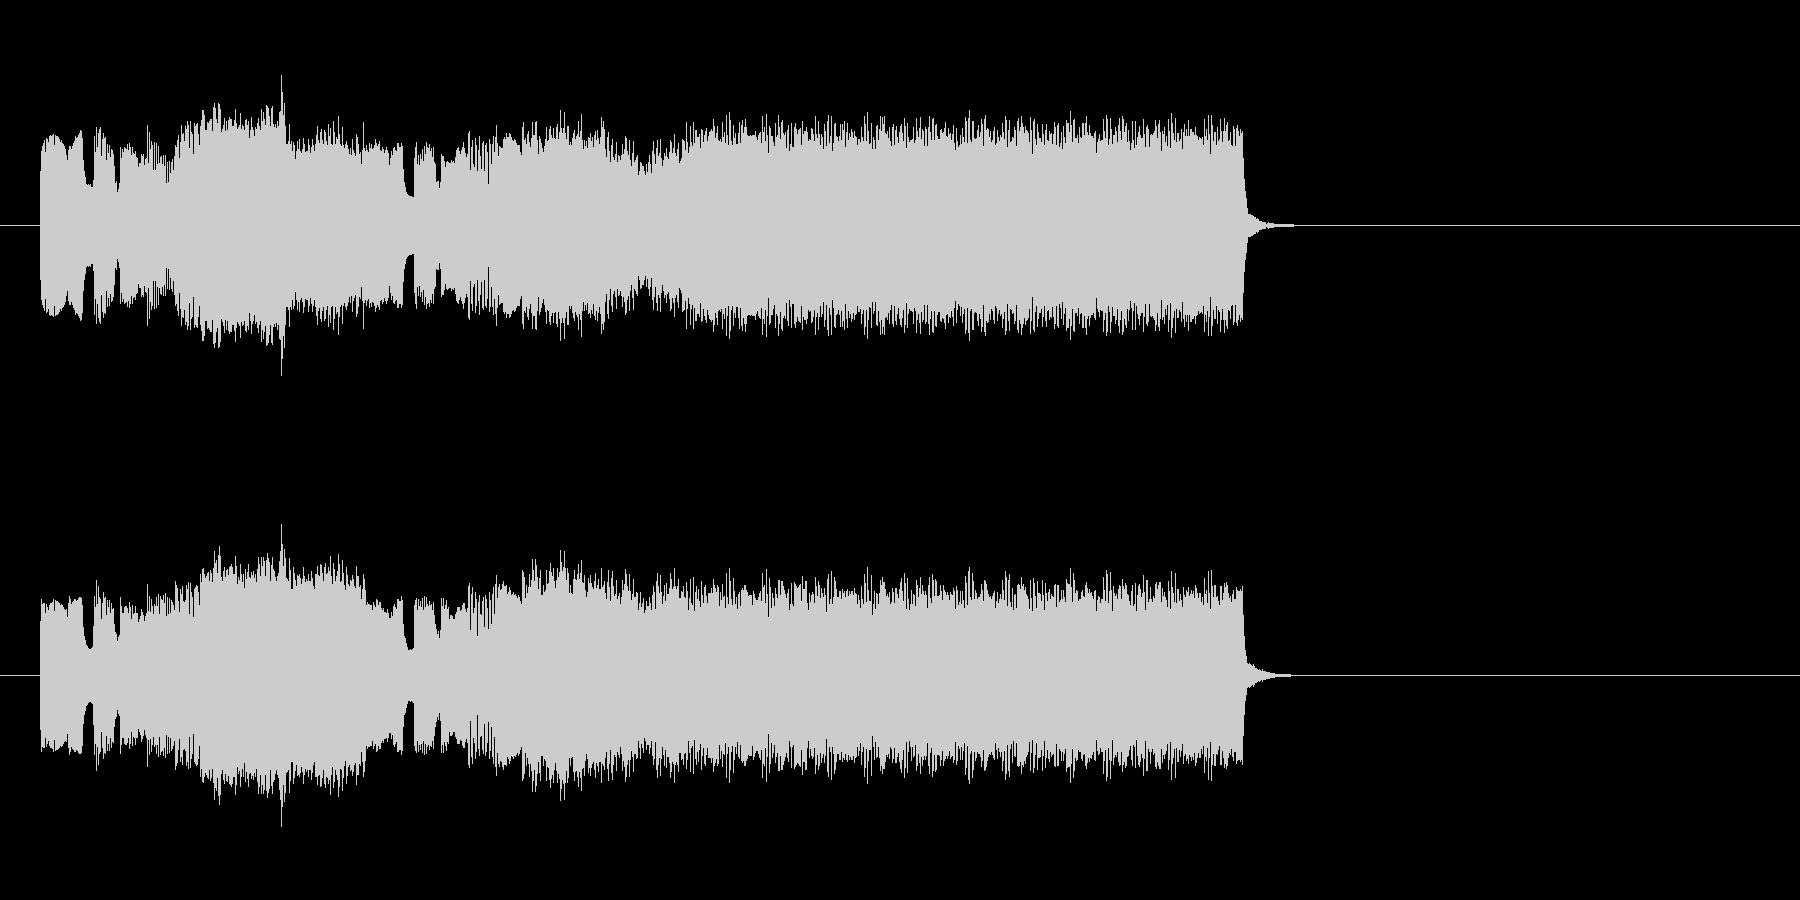 ファミコン風の勝利ファンファーレの未再生の波形